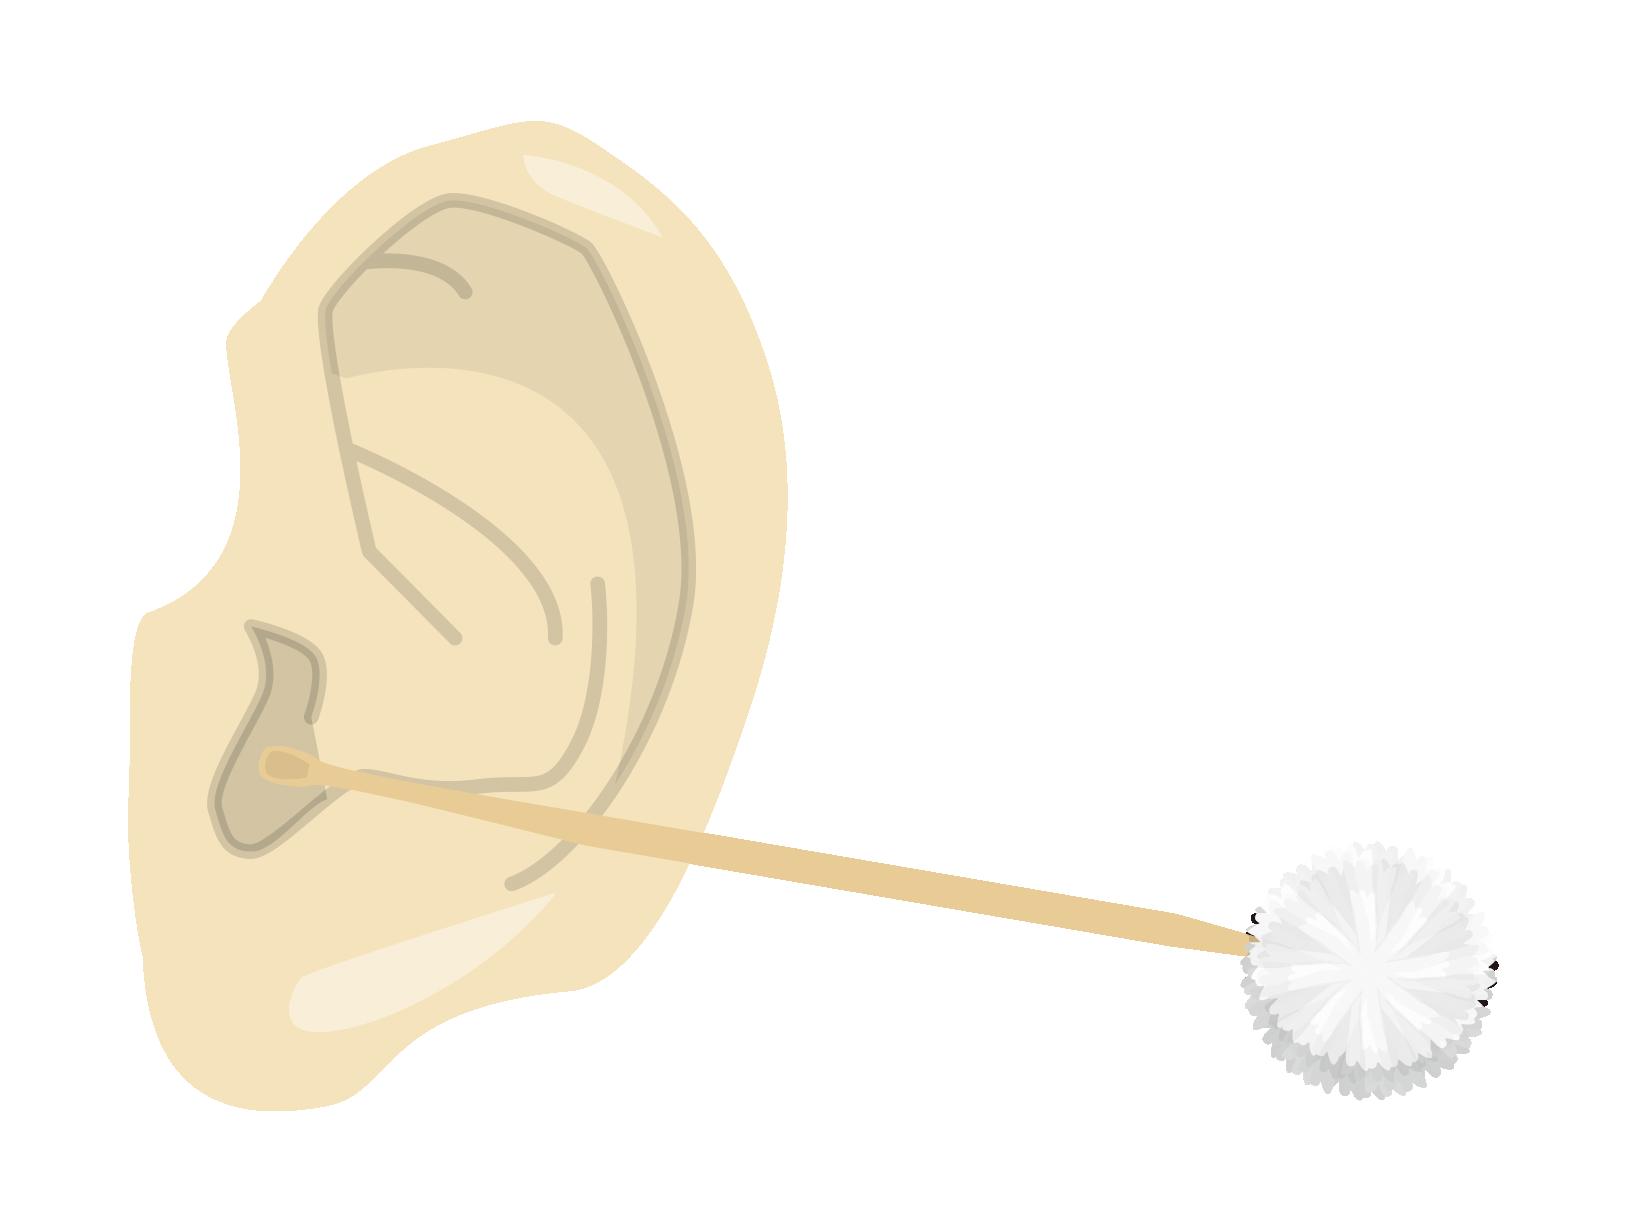 耳かきをすると咳が誘発される『アーノルド反射』と慢性咳嗽の関係とは?